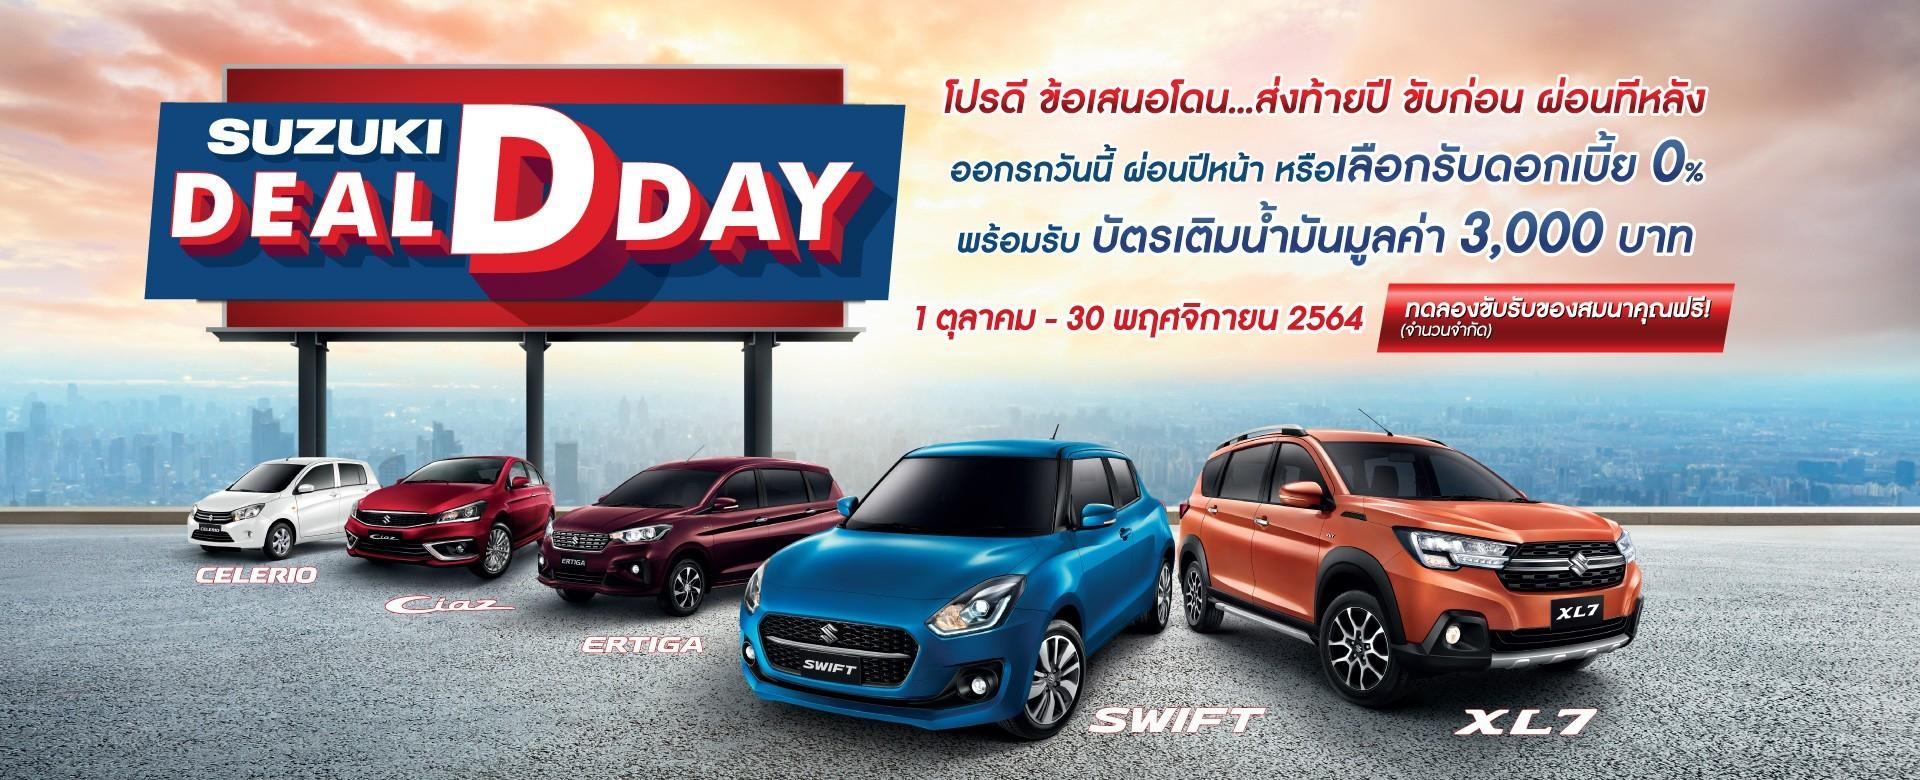 New Suzuki Swift Promotion